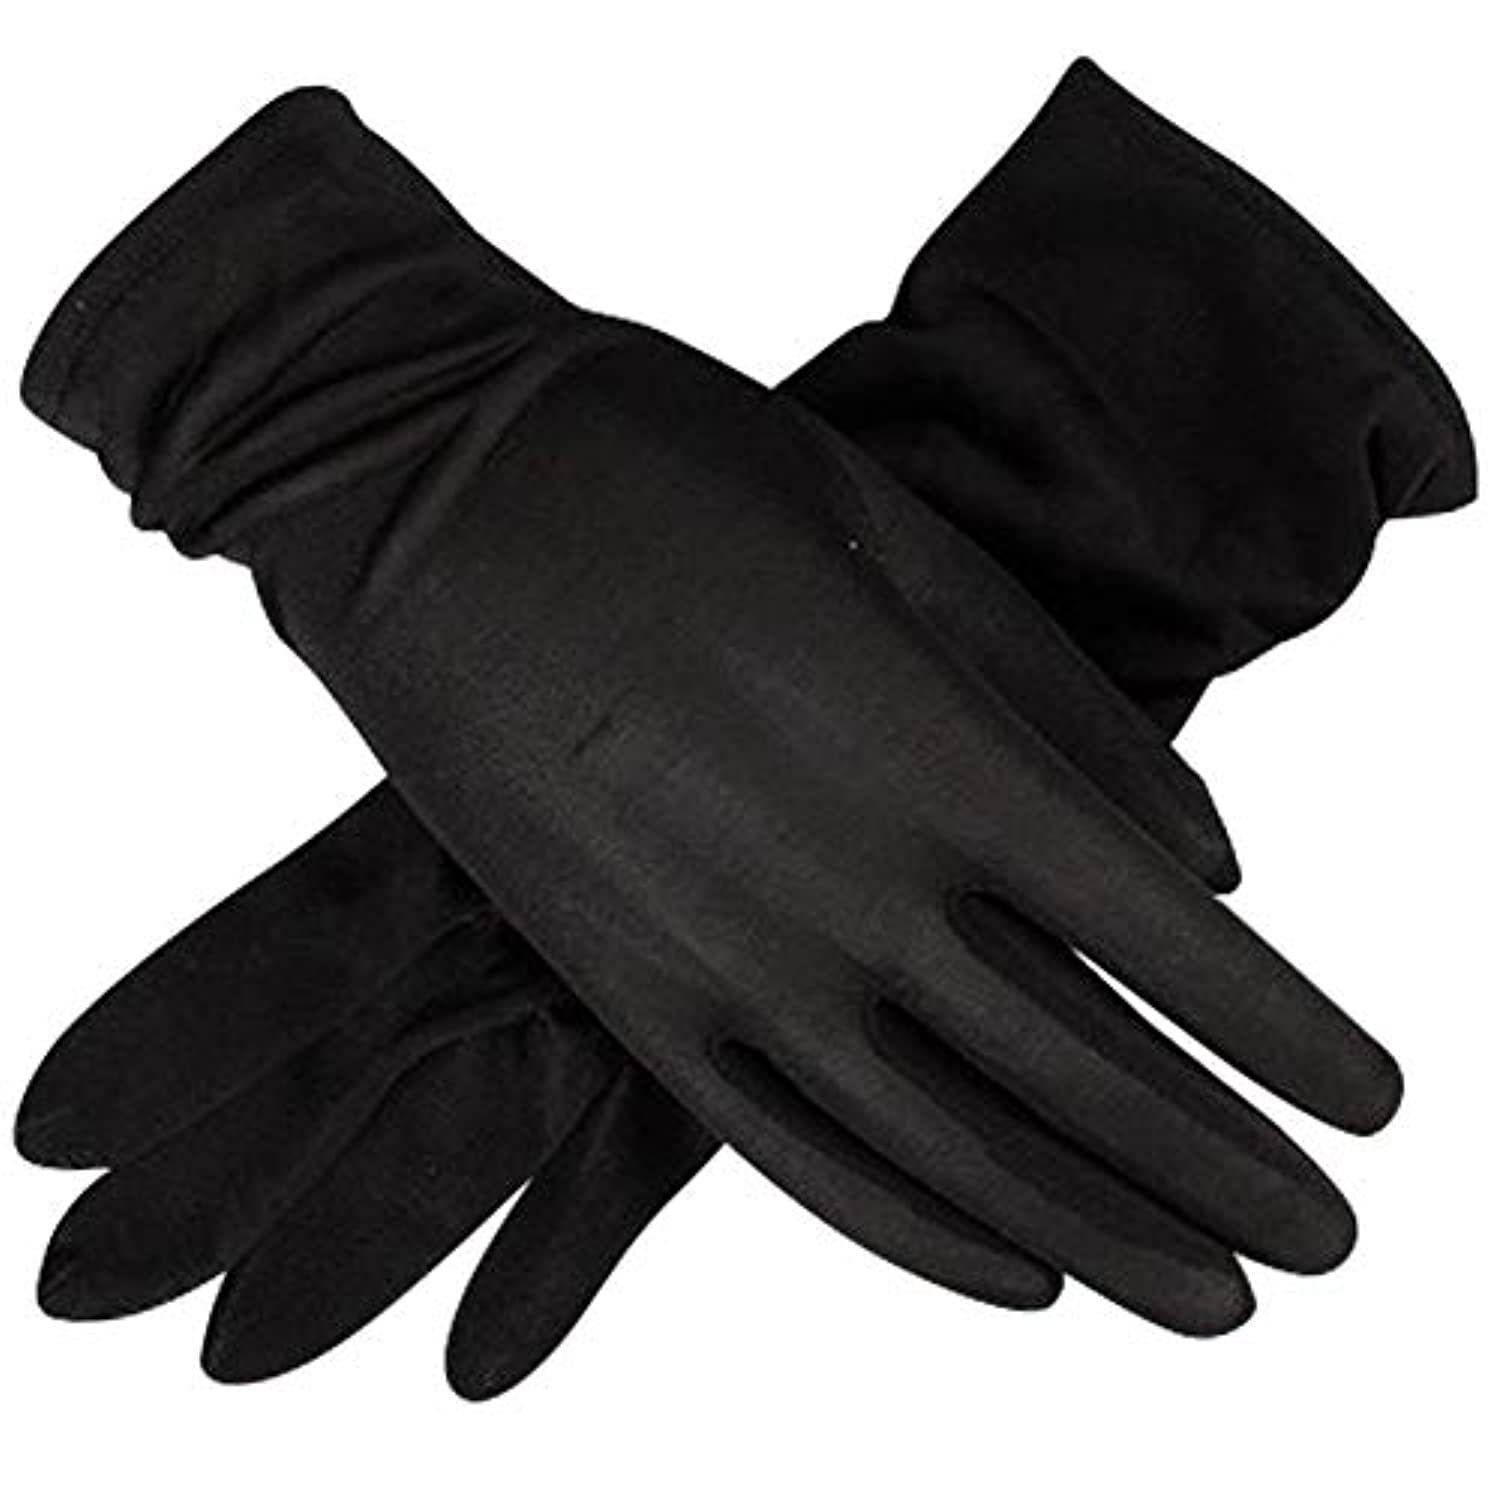 ヤギ笑いヒギンズ(panda store) シルク 手袋 レディース UVカット ハンドケア おやすみ 手荒れ 手湿疹 乾燥肌 保湿 おやすみ手袋 紫外線 ブラック